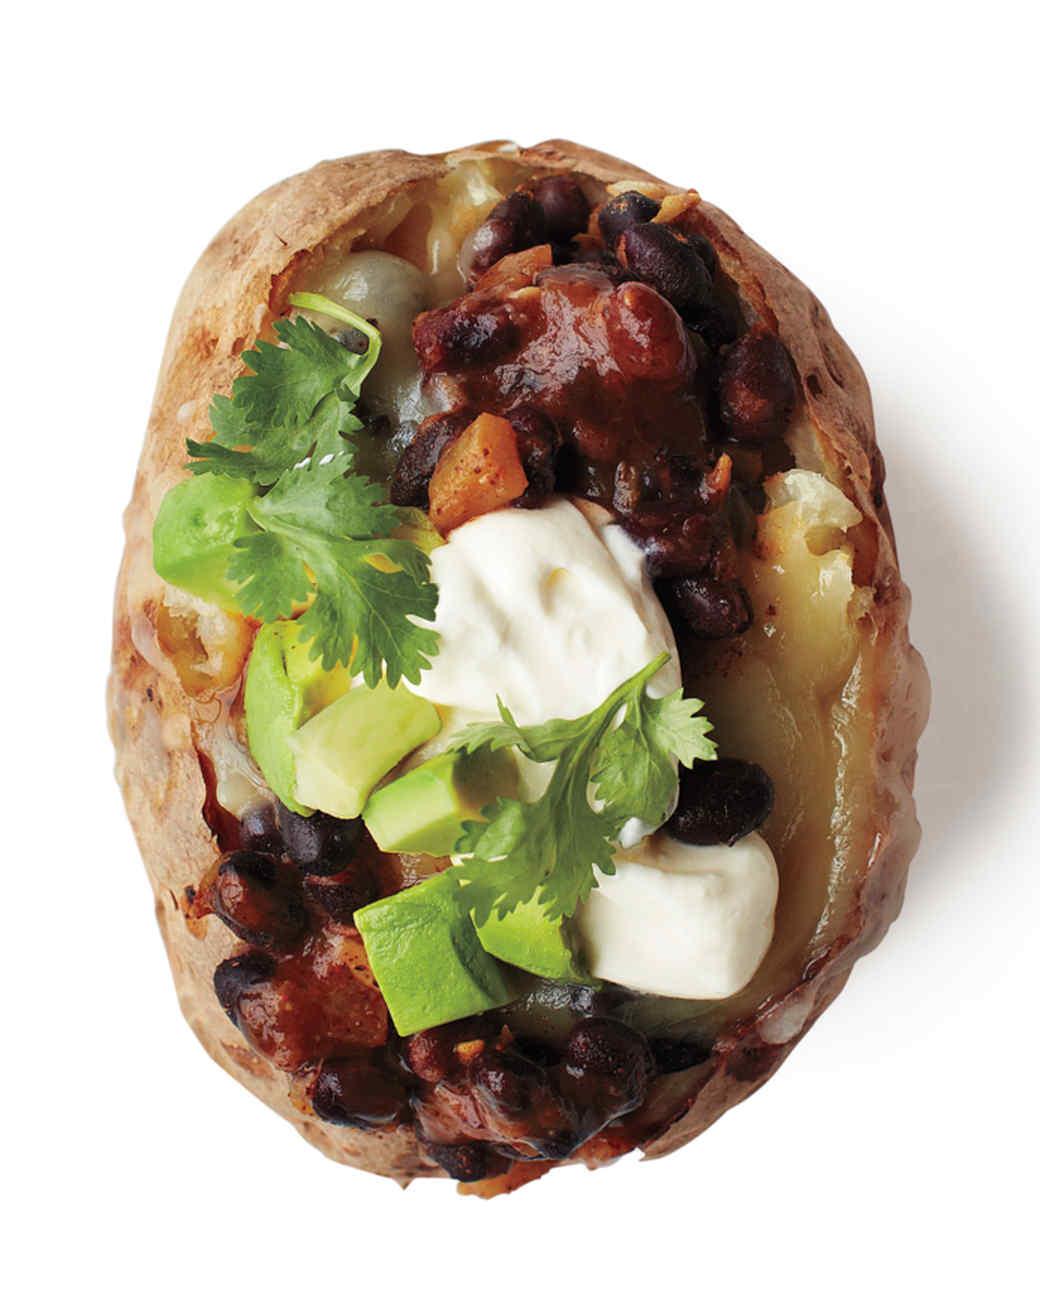 fiv-potatoes-005-med109135.jpg